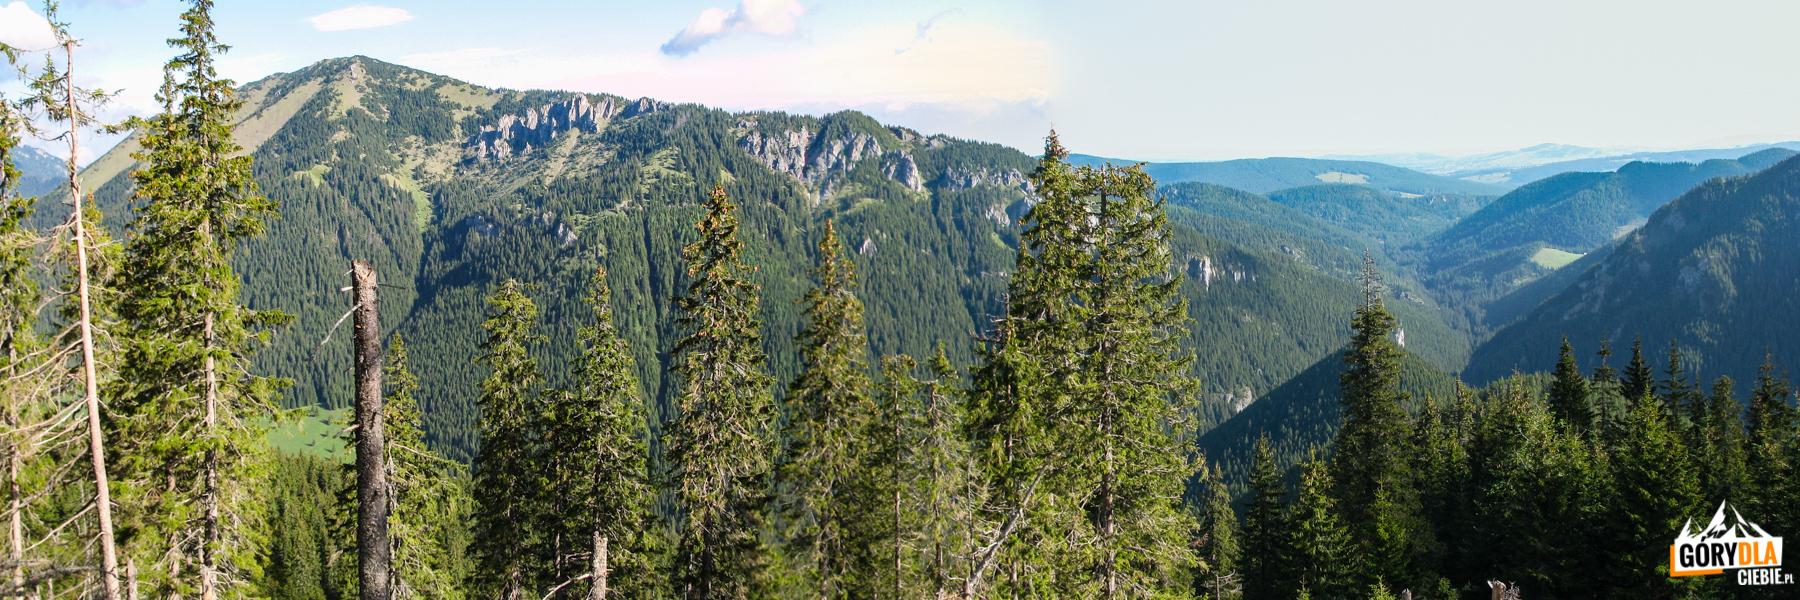 Bobrowiec (1663 m) widziany zpodejścia naTrydniowiański Wierch (1758 m) przez Krowieniec